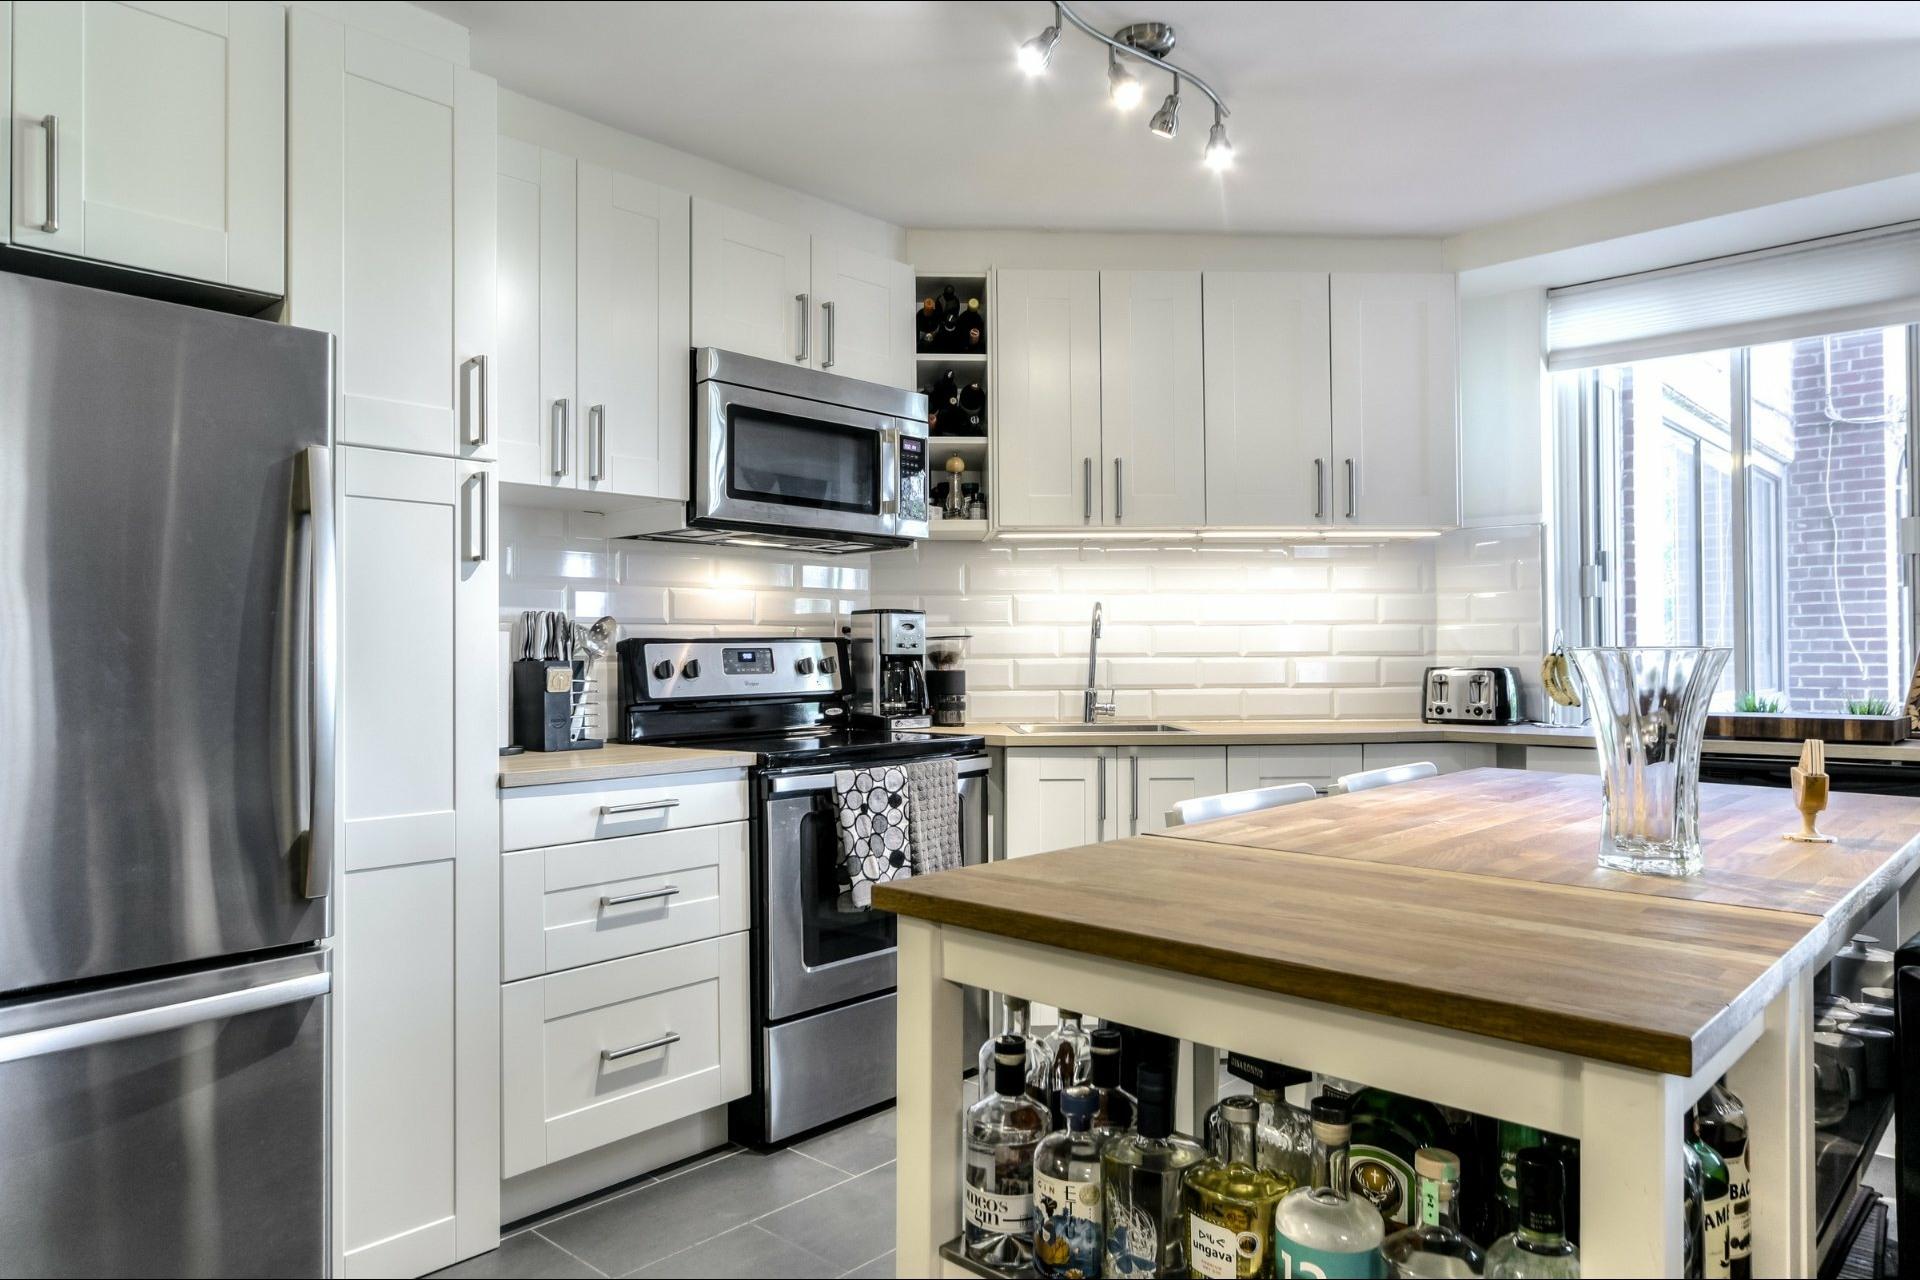 image 3 - Appartement À vendre Côte-des-Neiges/Notre-Dame-de-Grâce Montréal  - 4 pièces